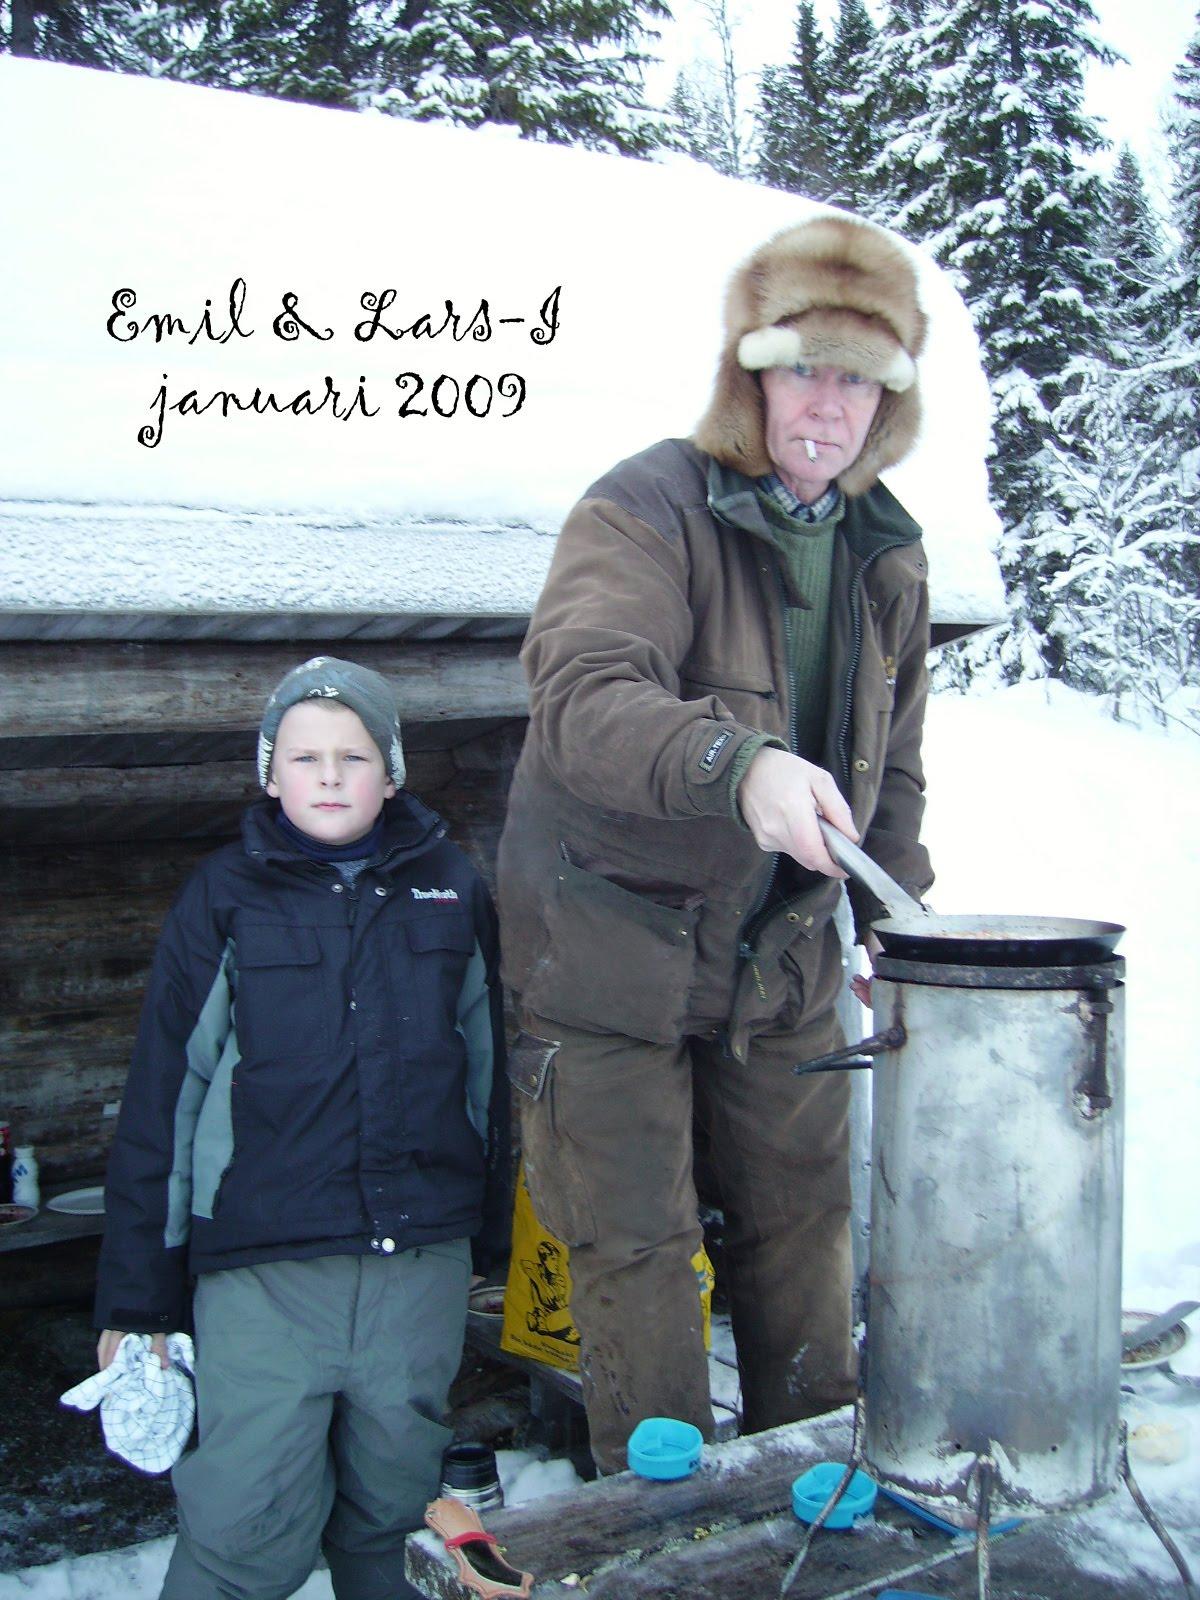 Emil och Lars-Ivan jan 2009